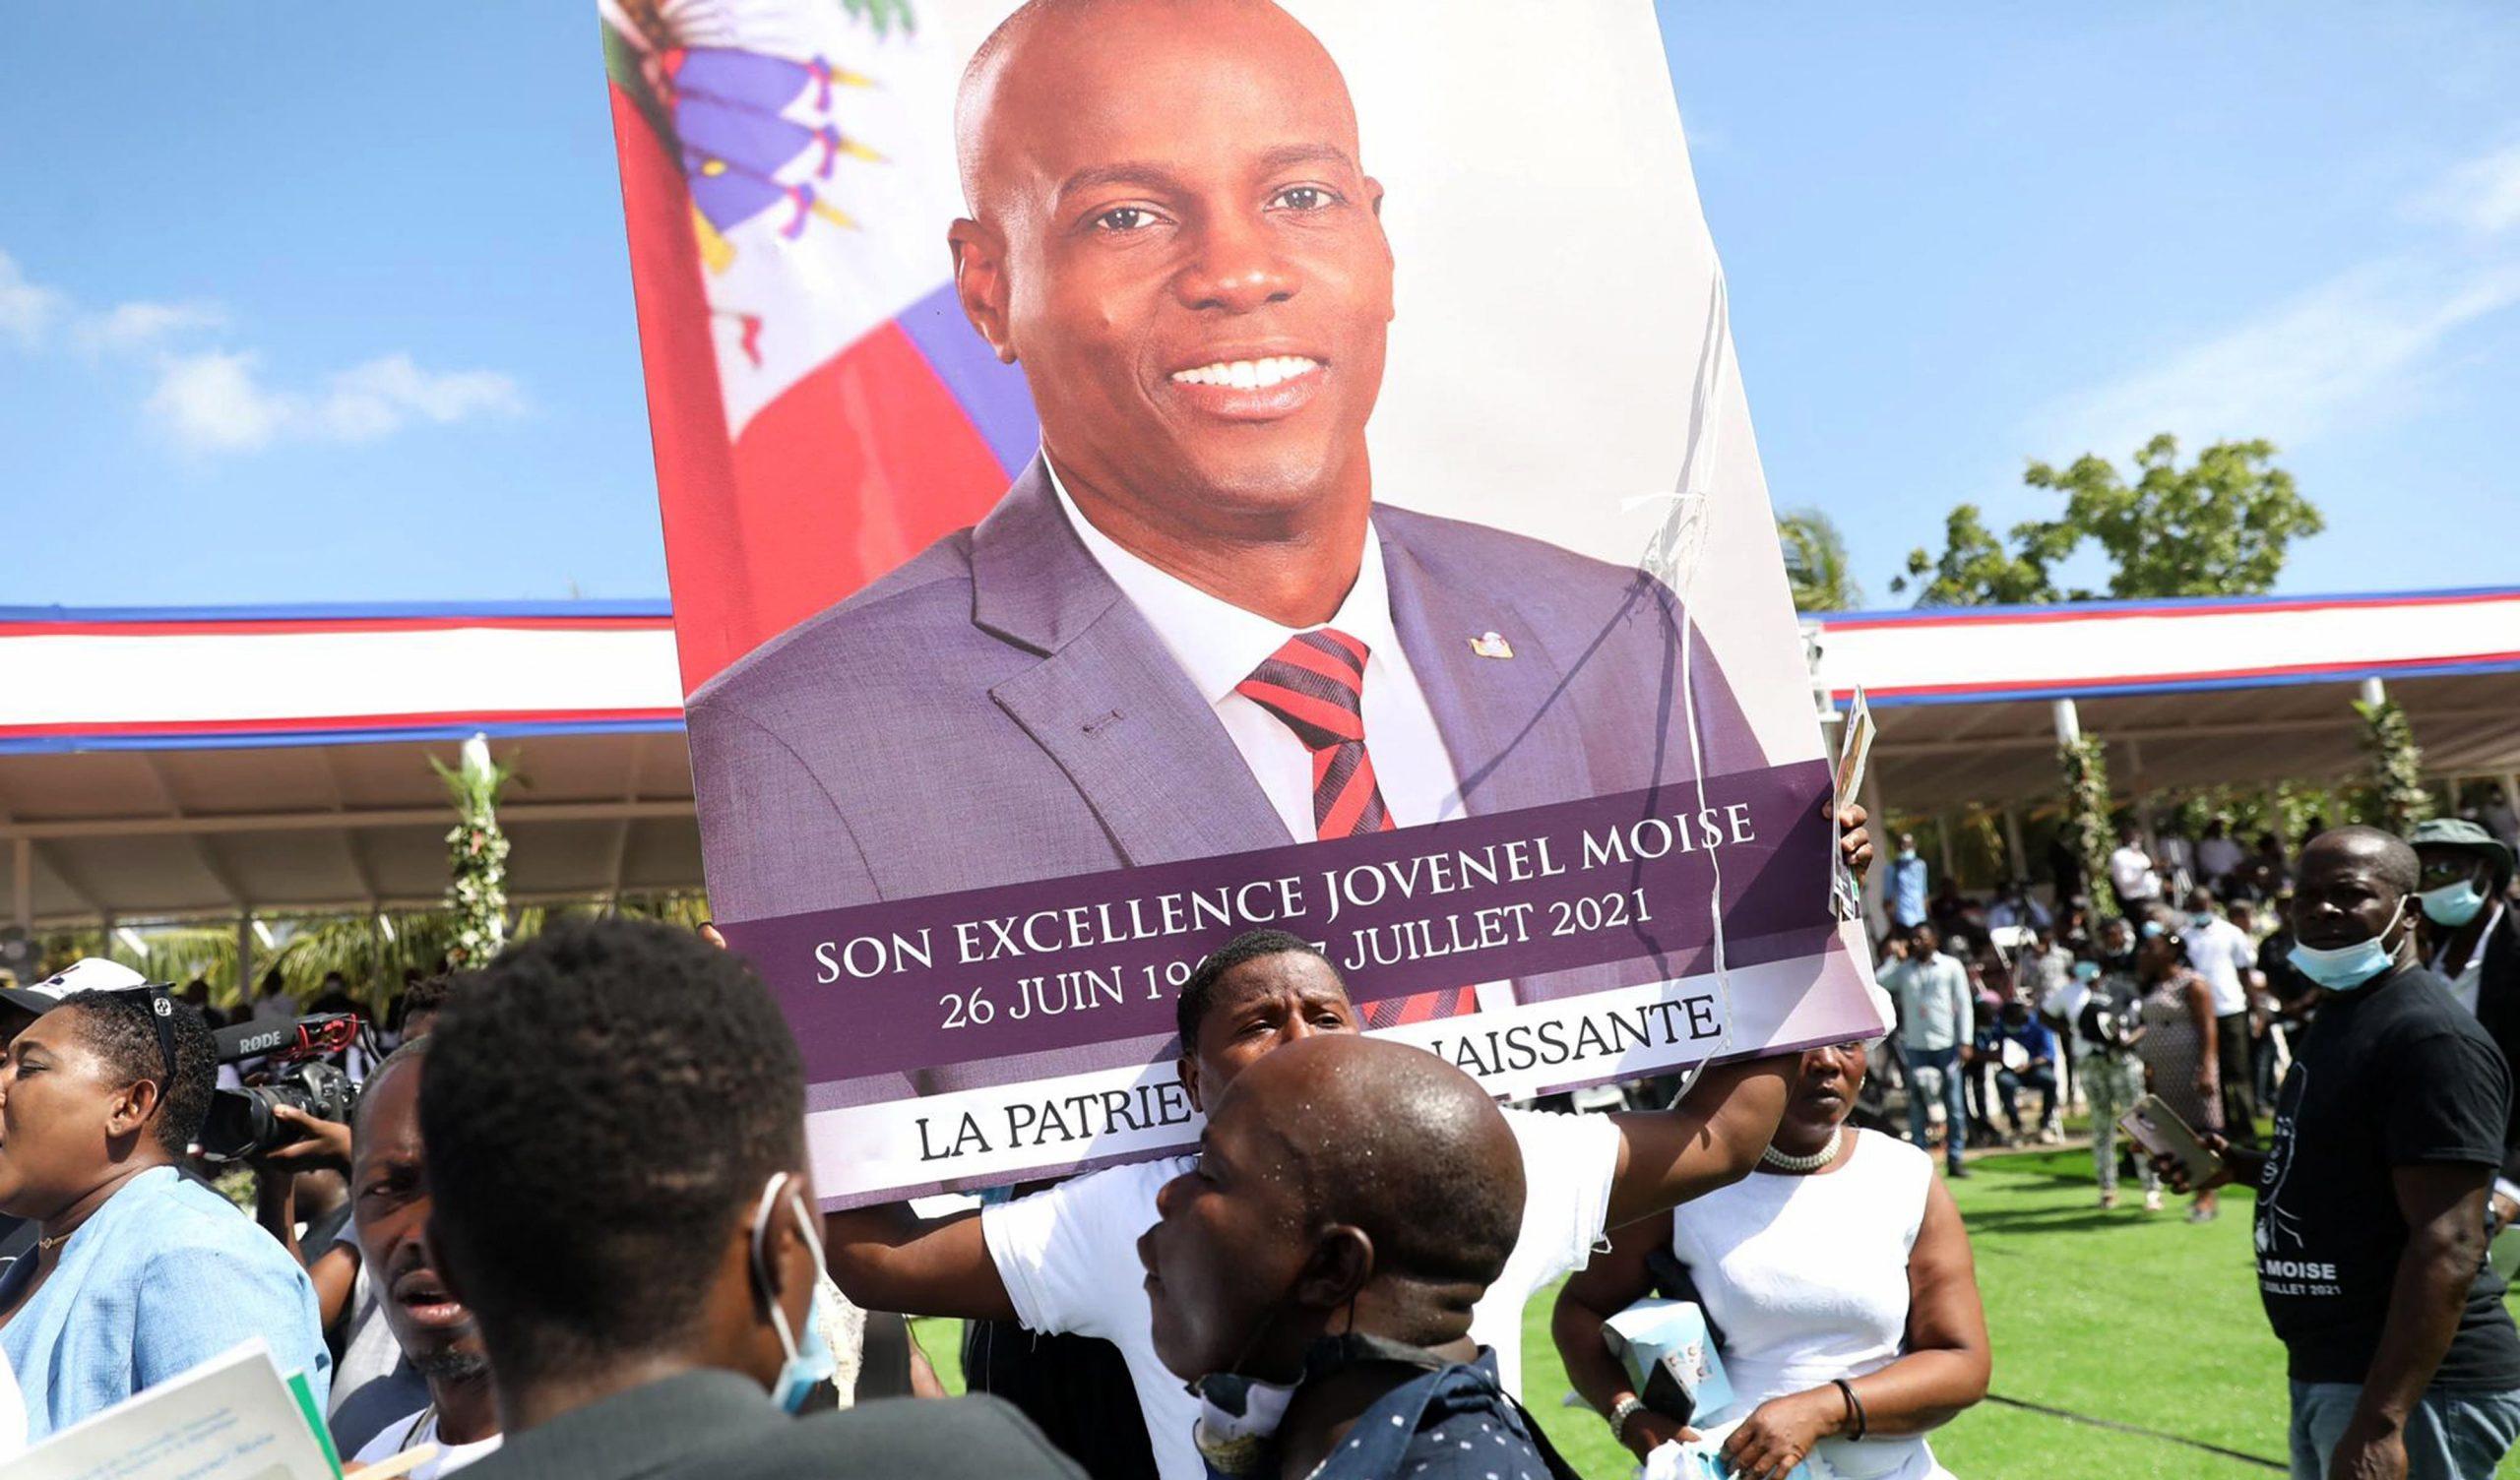 Ex soldados colombianos admiten haber participado en el asesinato del presidente de Haití y hacen revelaciones aterradoras - Prensa Libre